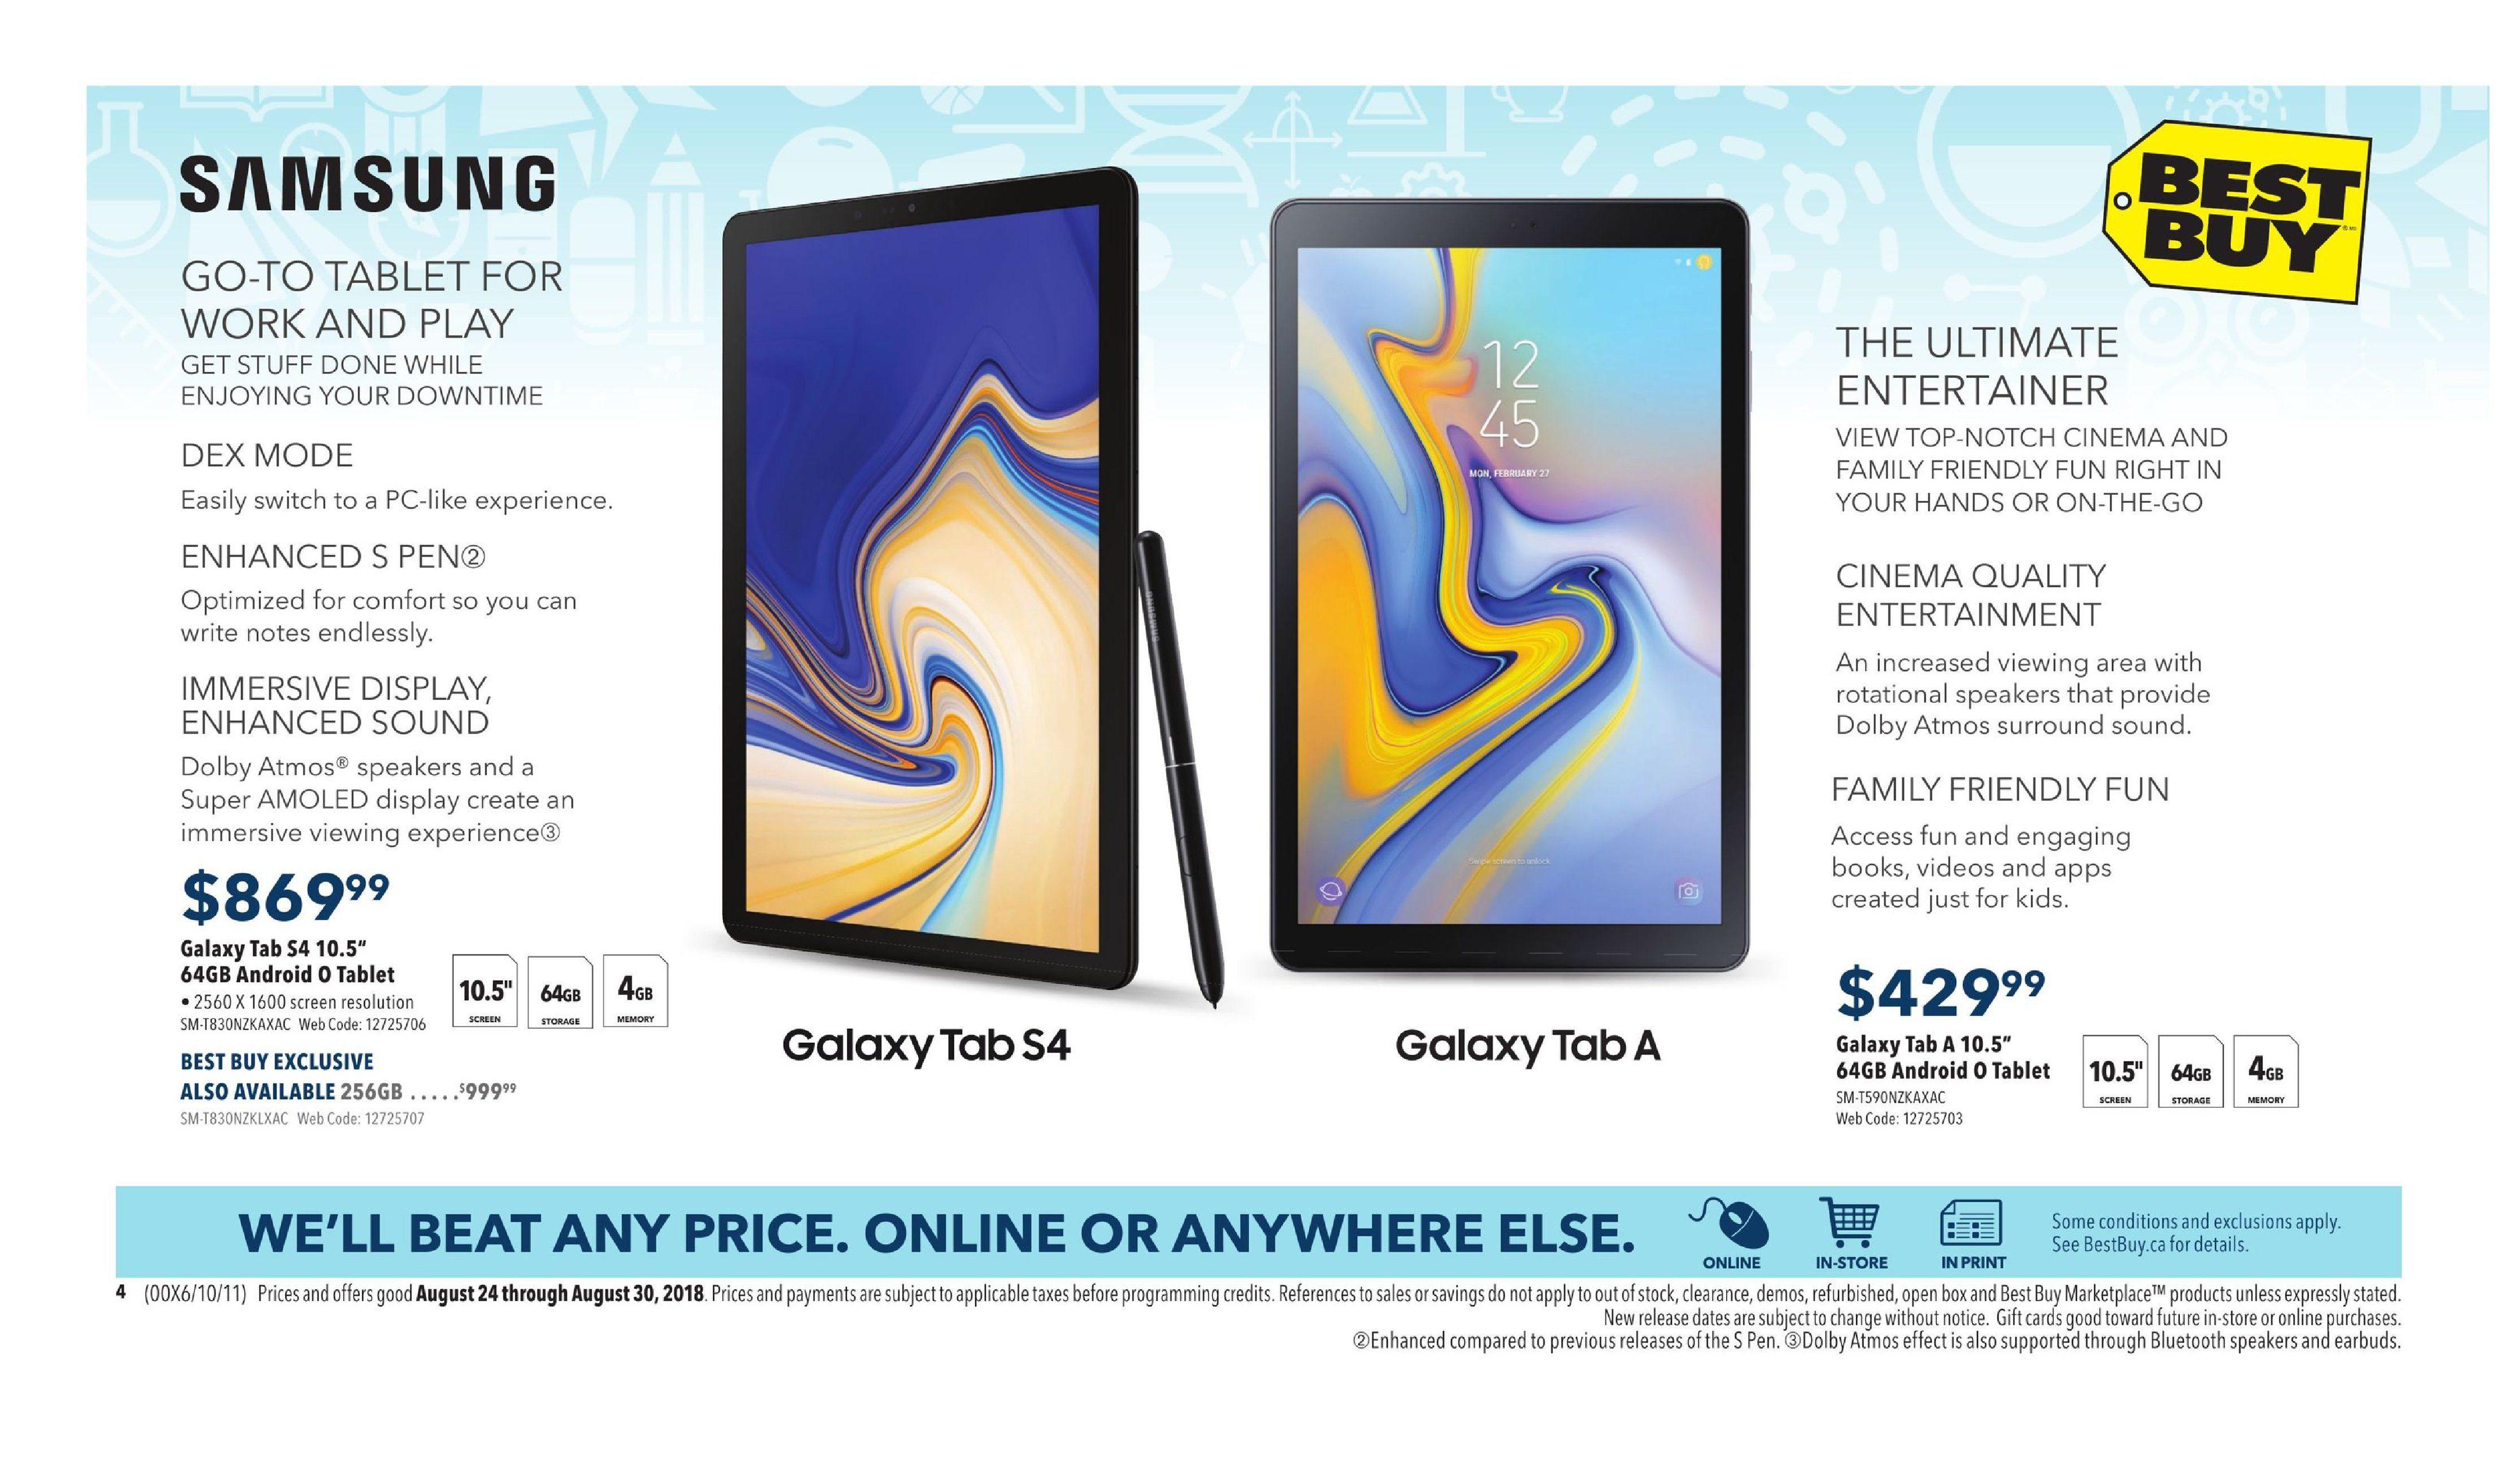 Best Buy Weekly Flyer Back To School Deals Aug 24 30 Flashdisk V Gen Astro 64 Gb 20 Original